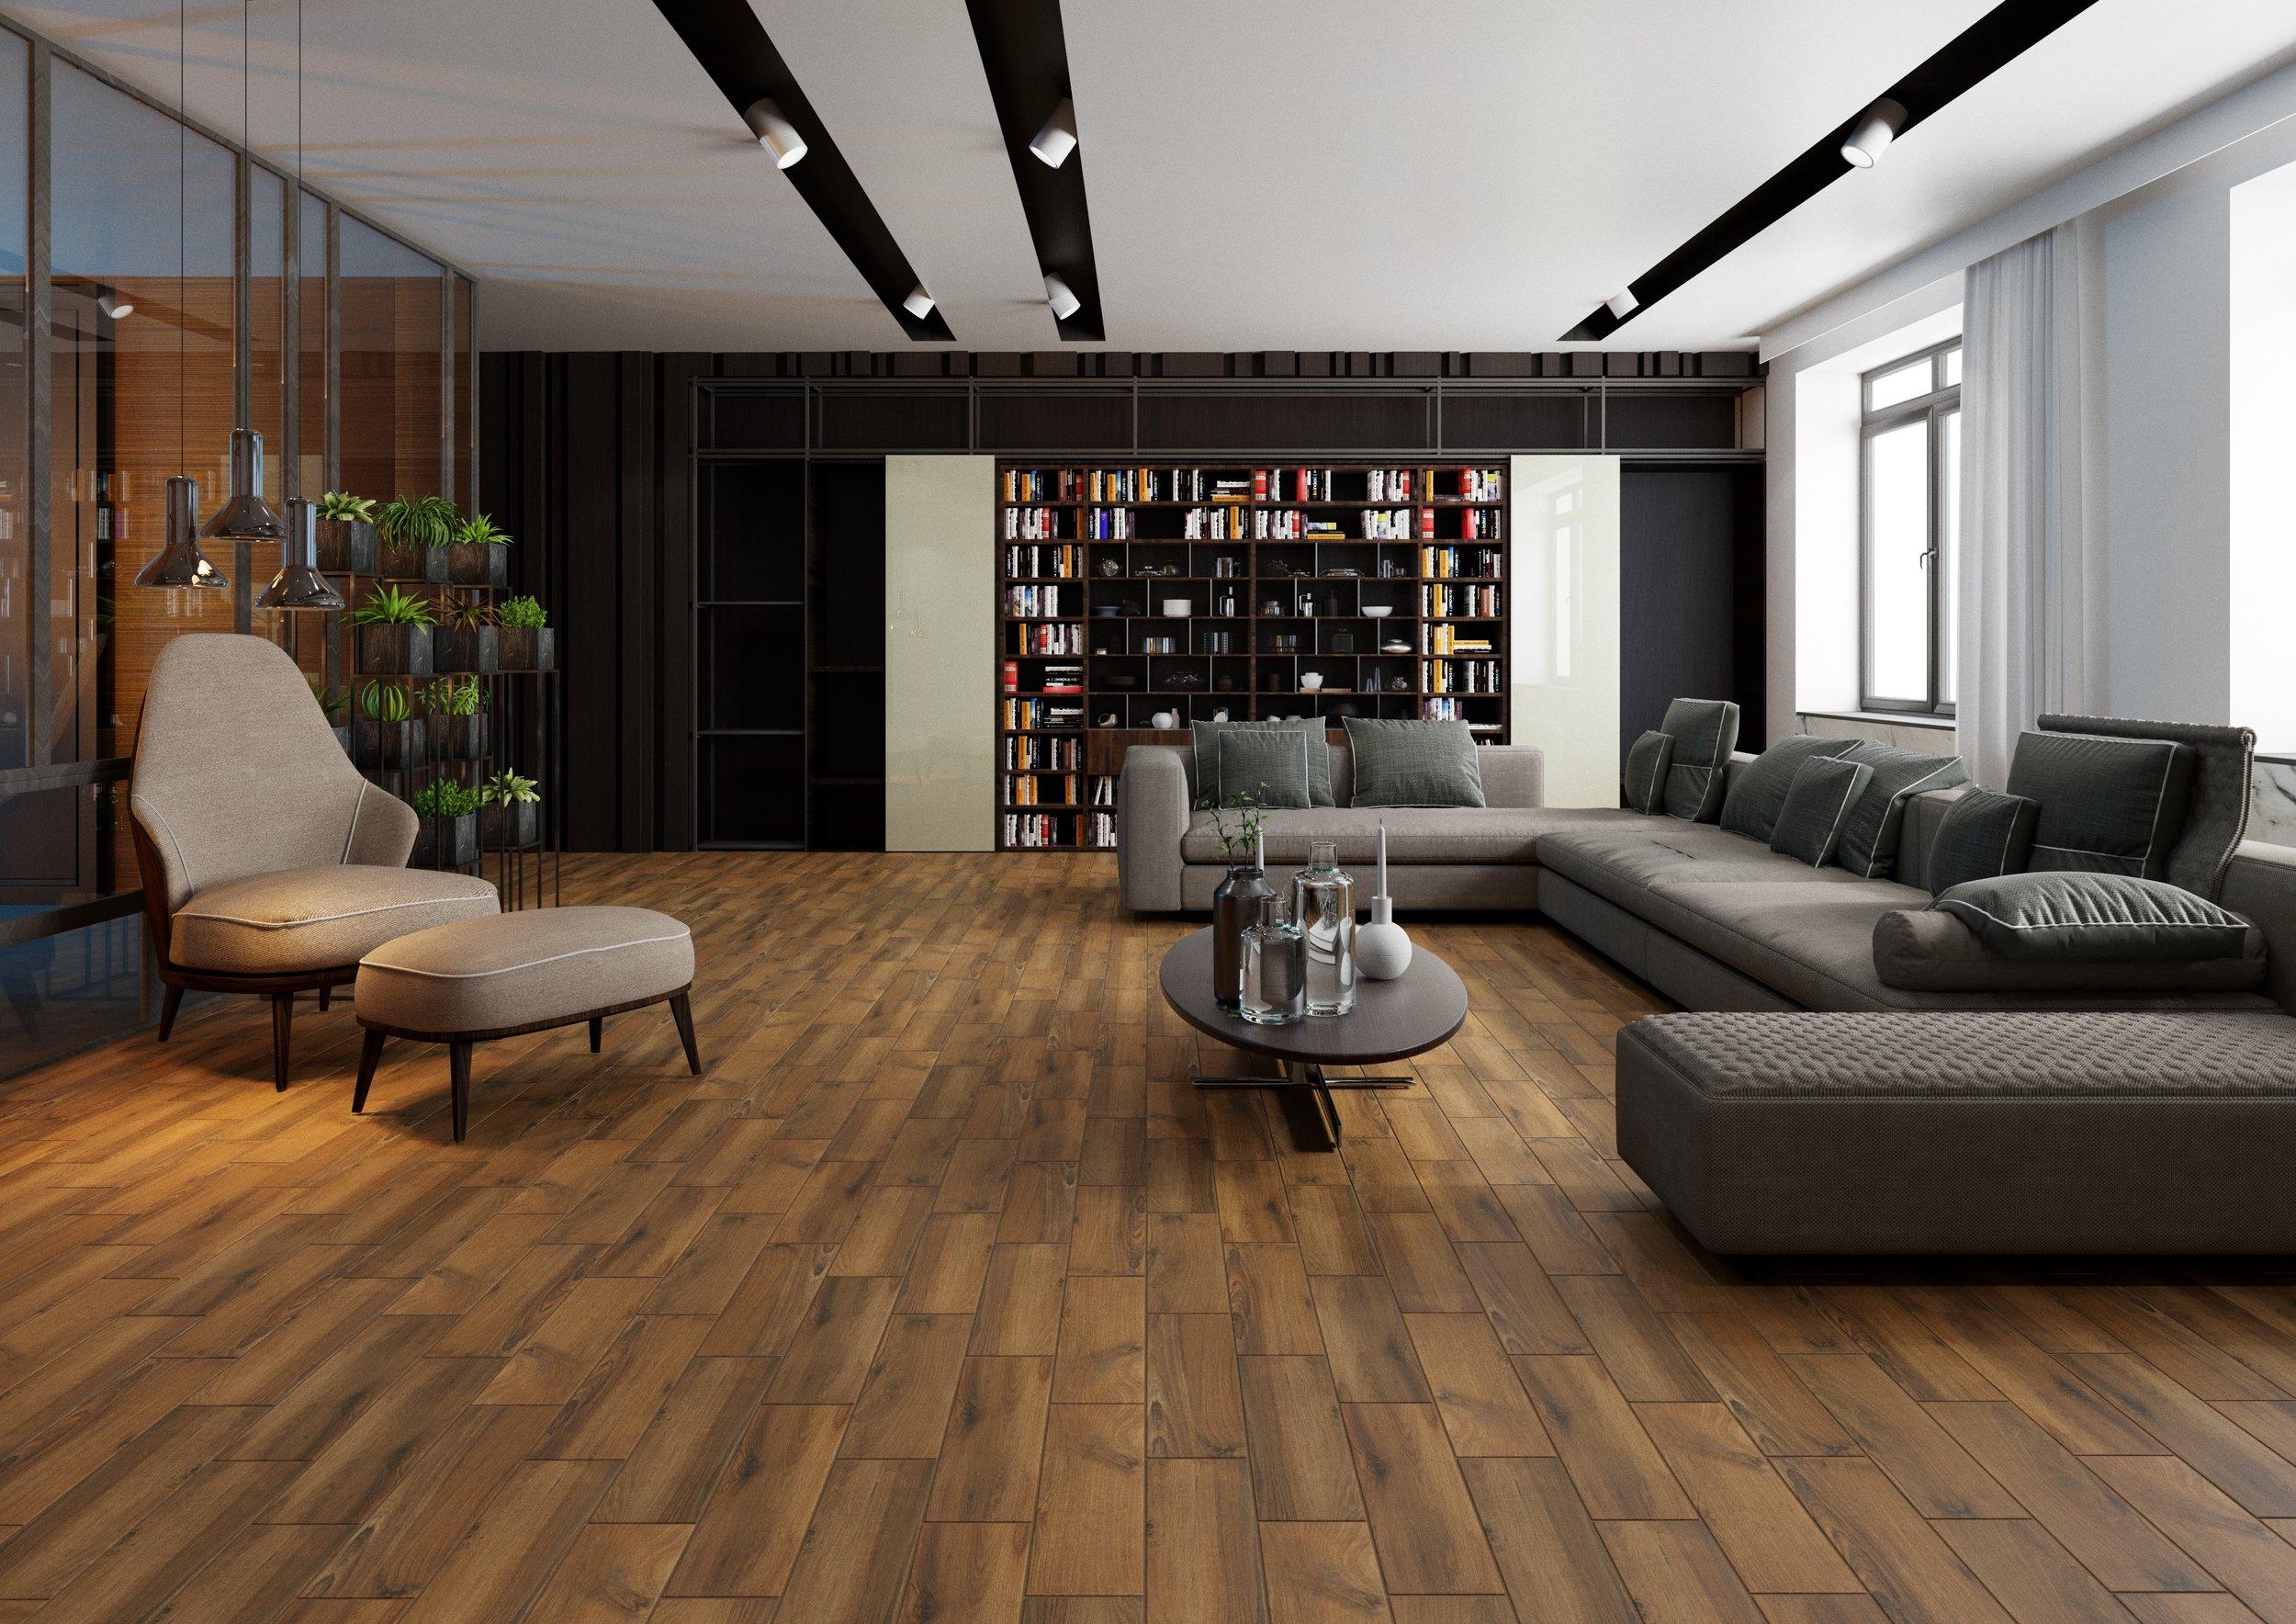 Wizualizacje podłóg drewnianych i płytek ceramicznych (2).jpg